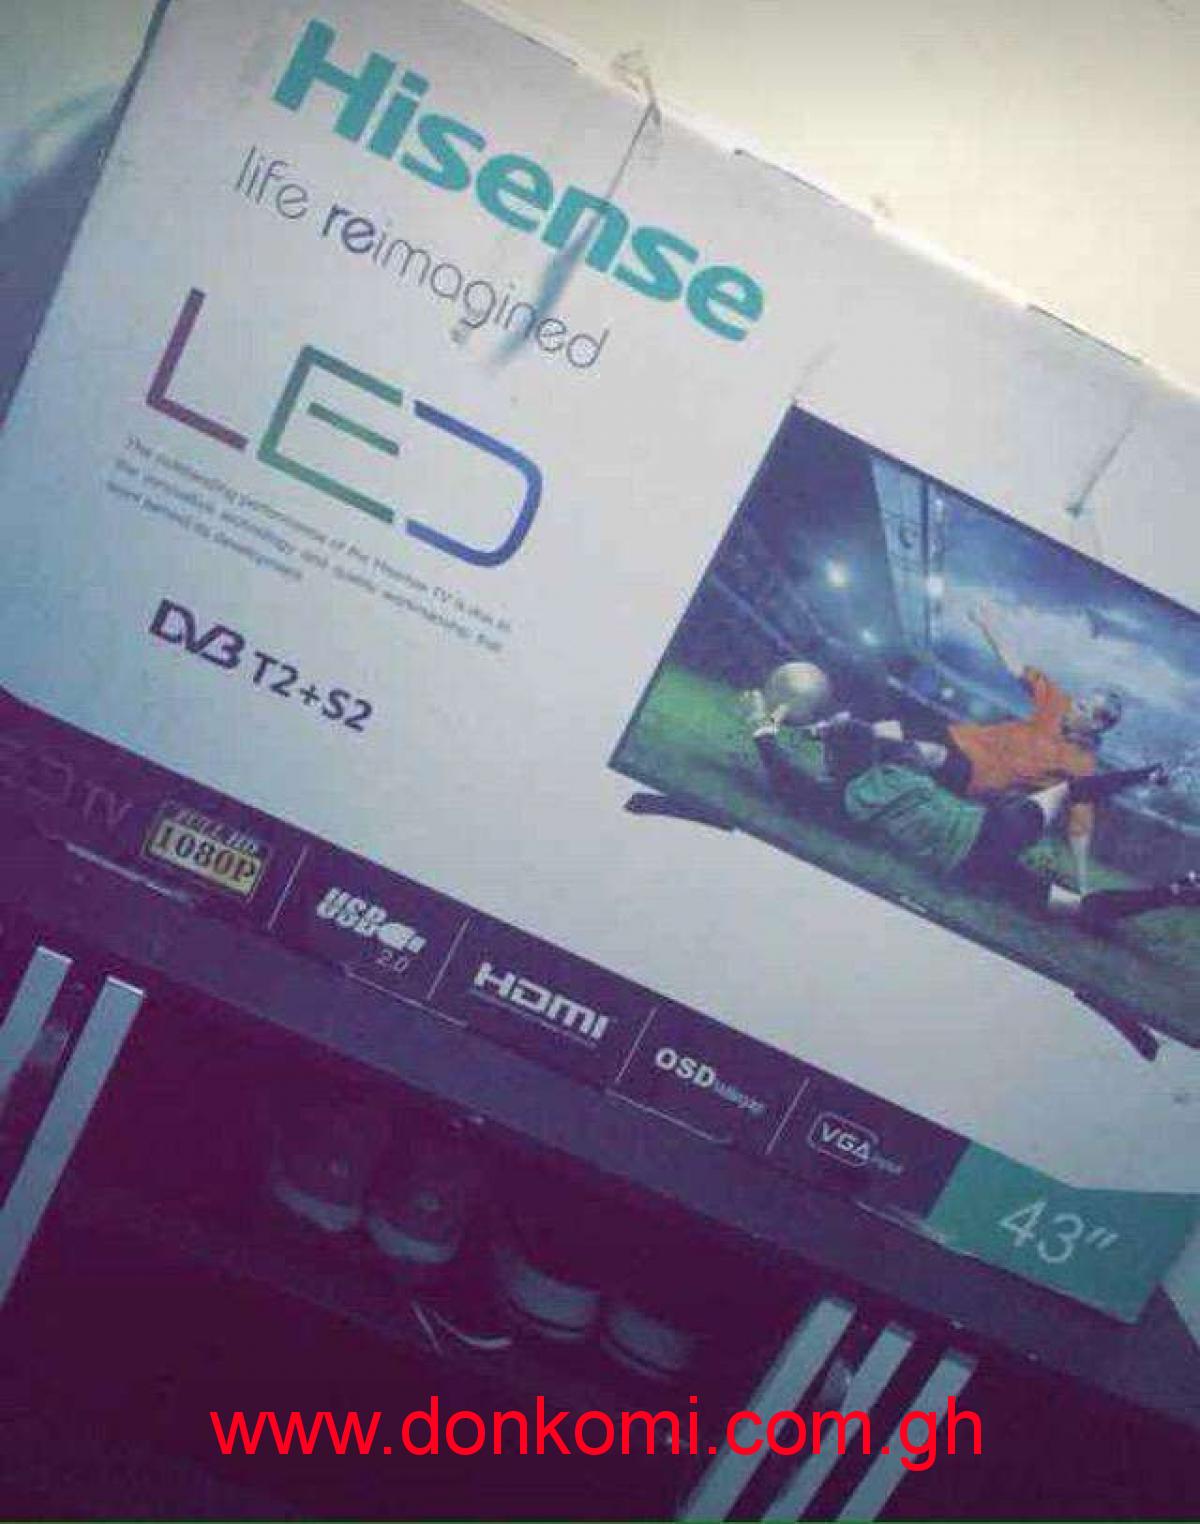 Hisense TV (43 inches)